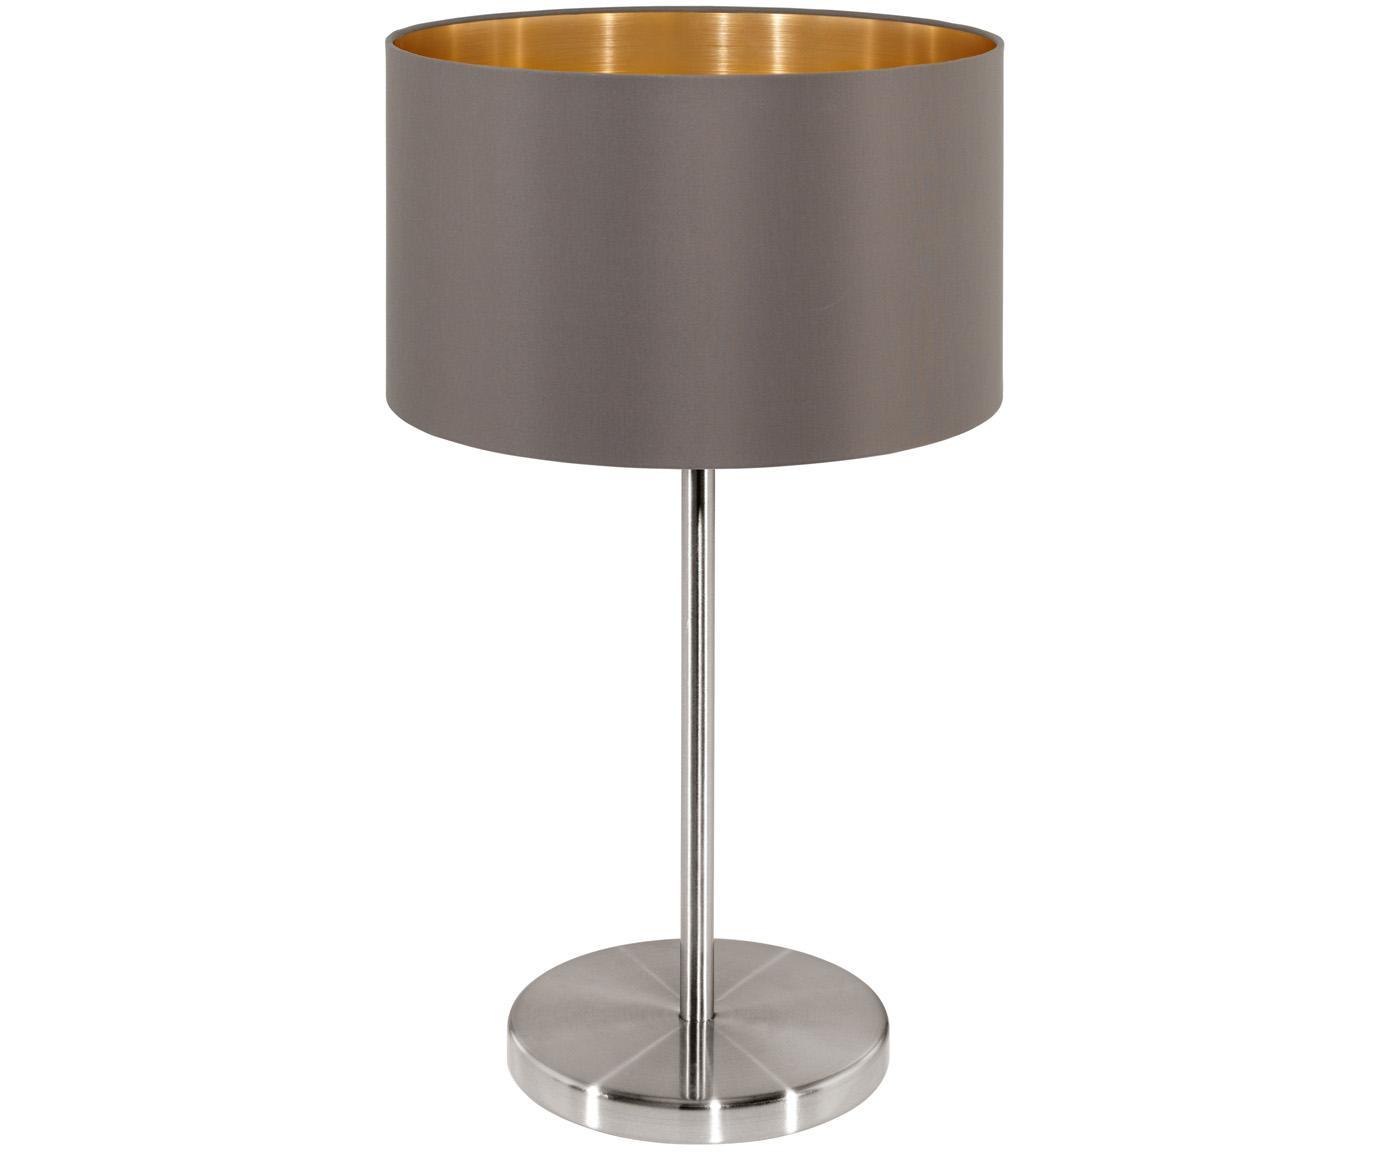 Tischleuchte Jamie, Lampenfuß: Metall, vernickelt, Grau-Beige,Silberfarben, ∅ 23 x H 42 cm